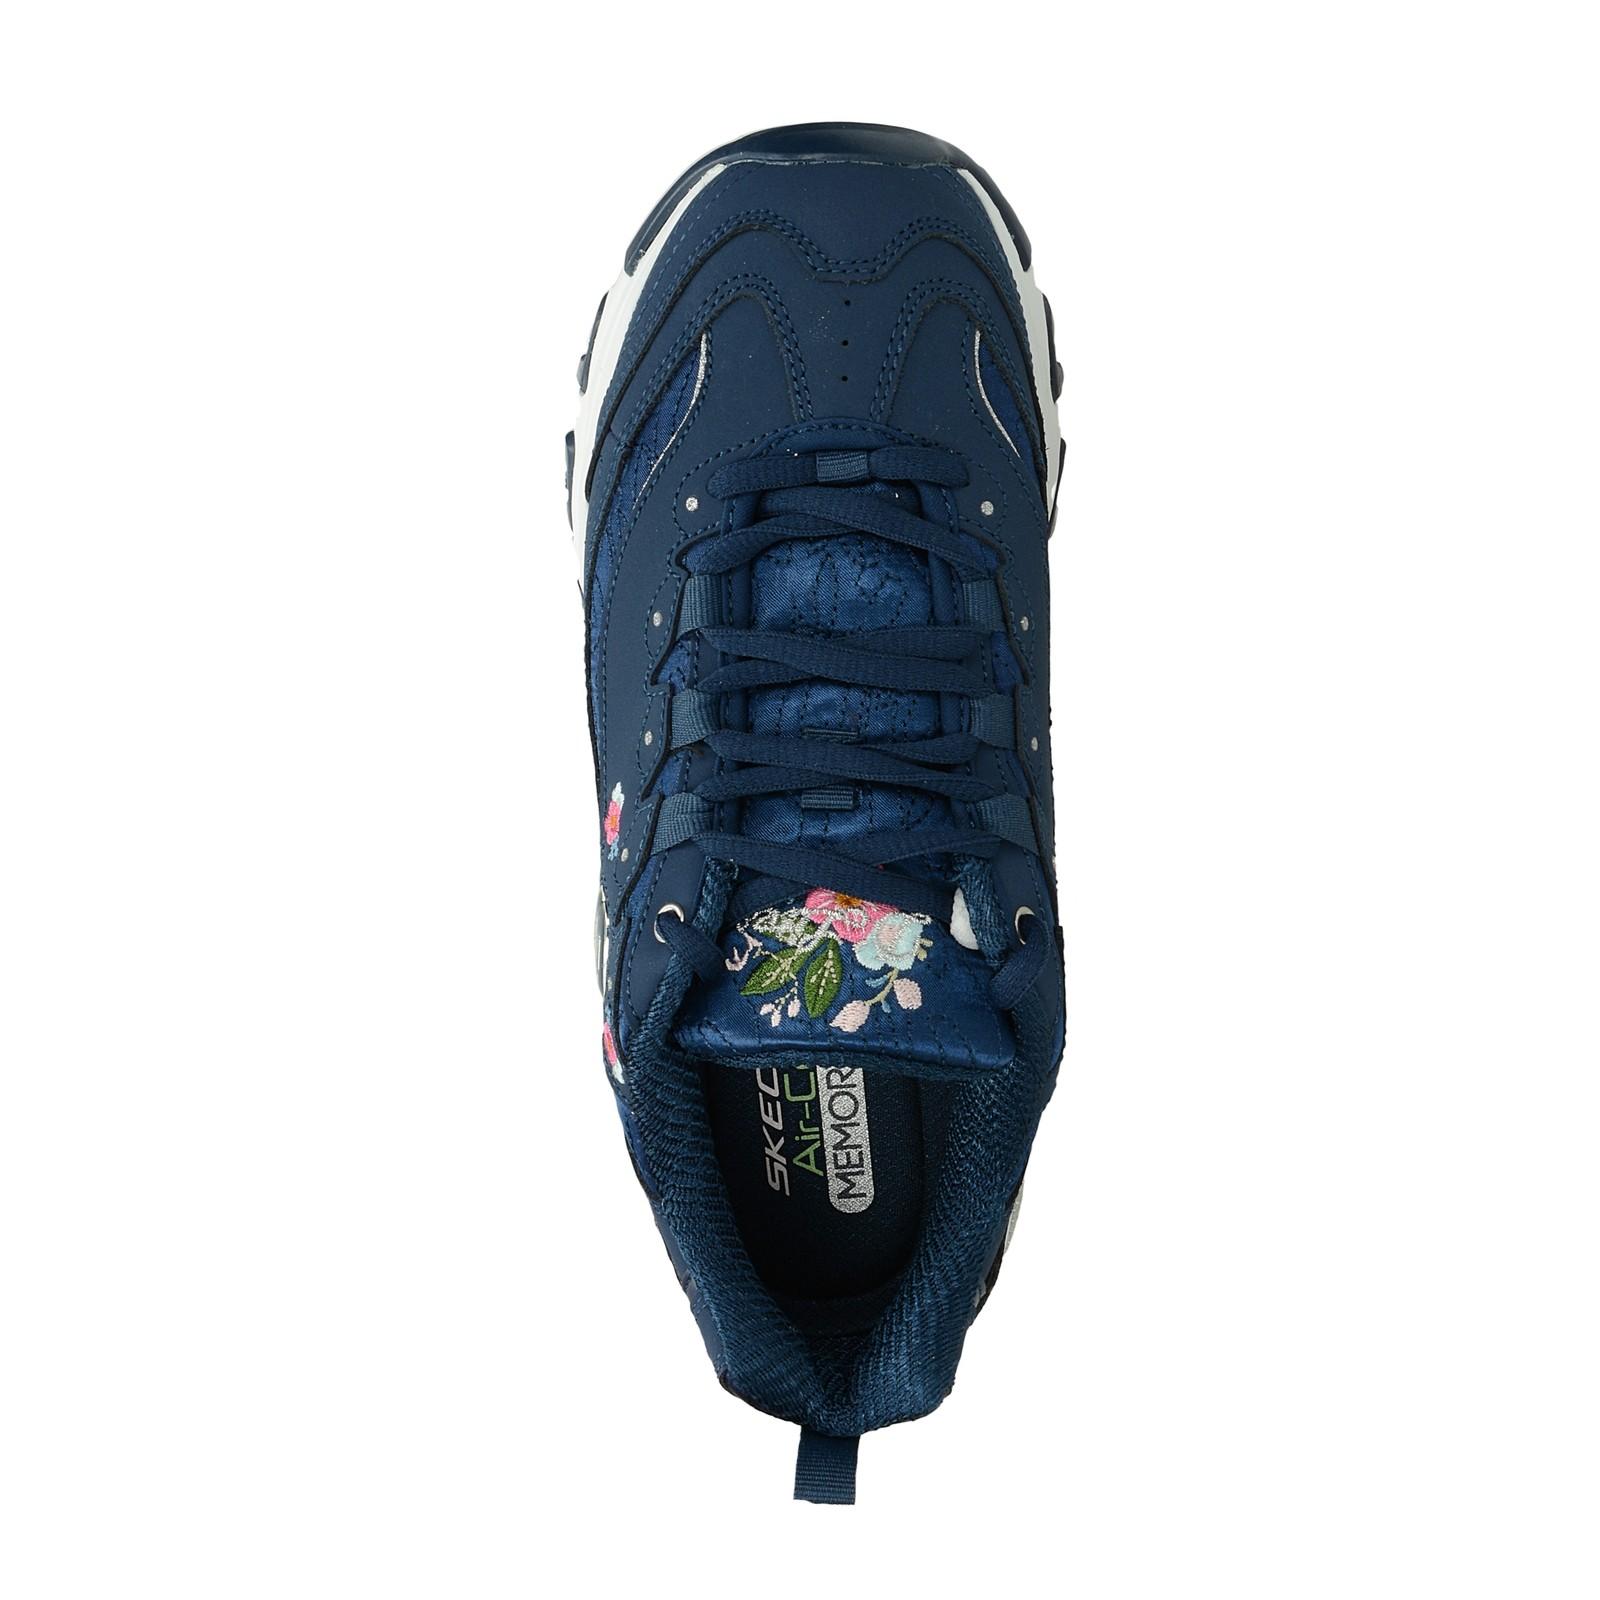 Skechers dámske štýlové tenisky s kvetinkami - modré ... 142df20b8c5